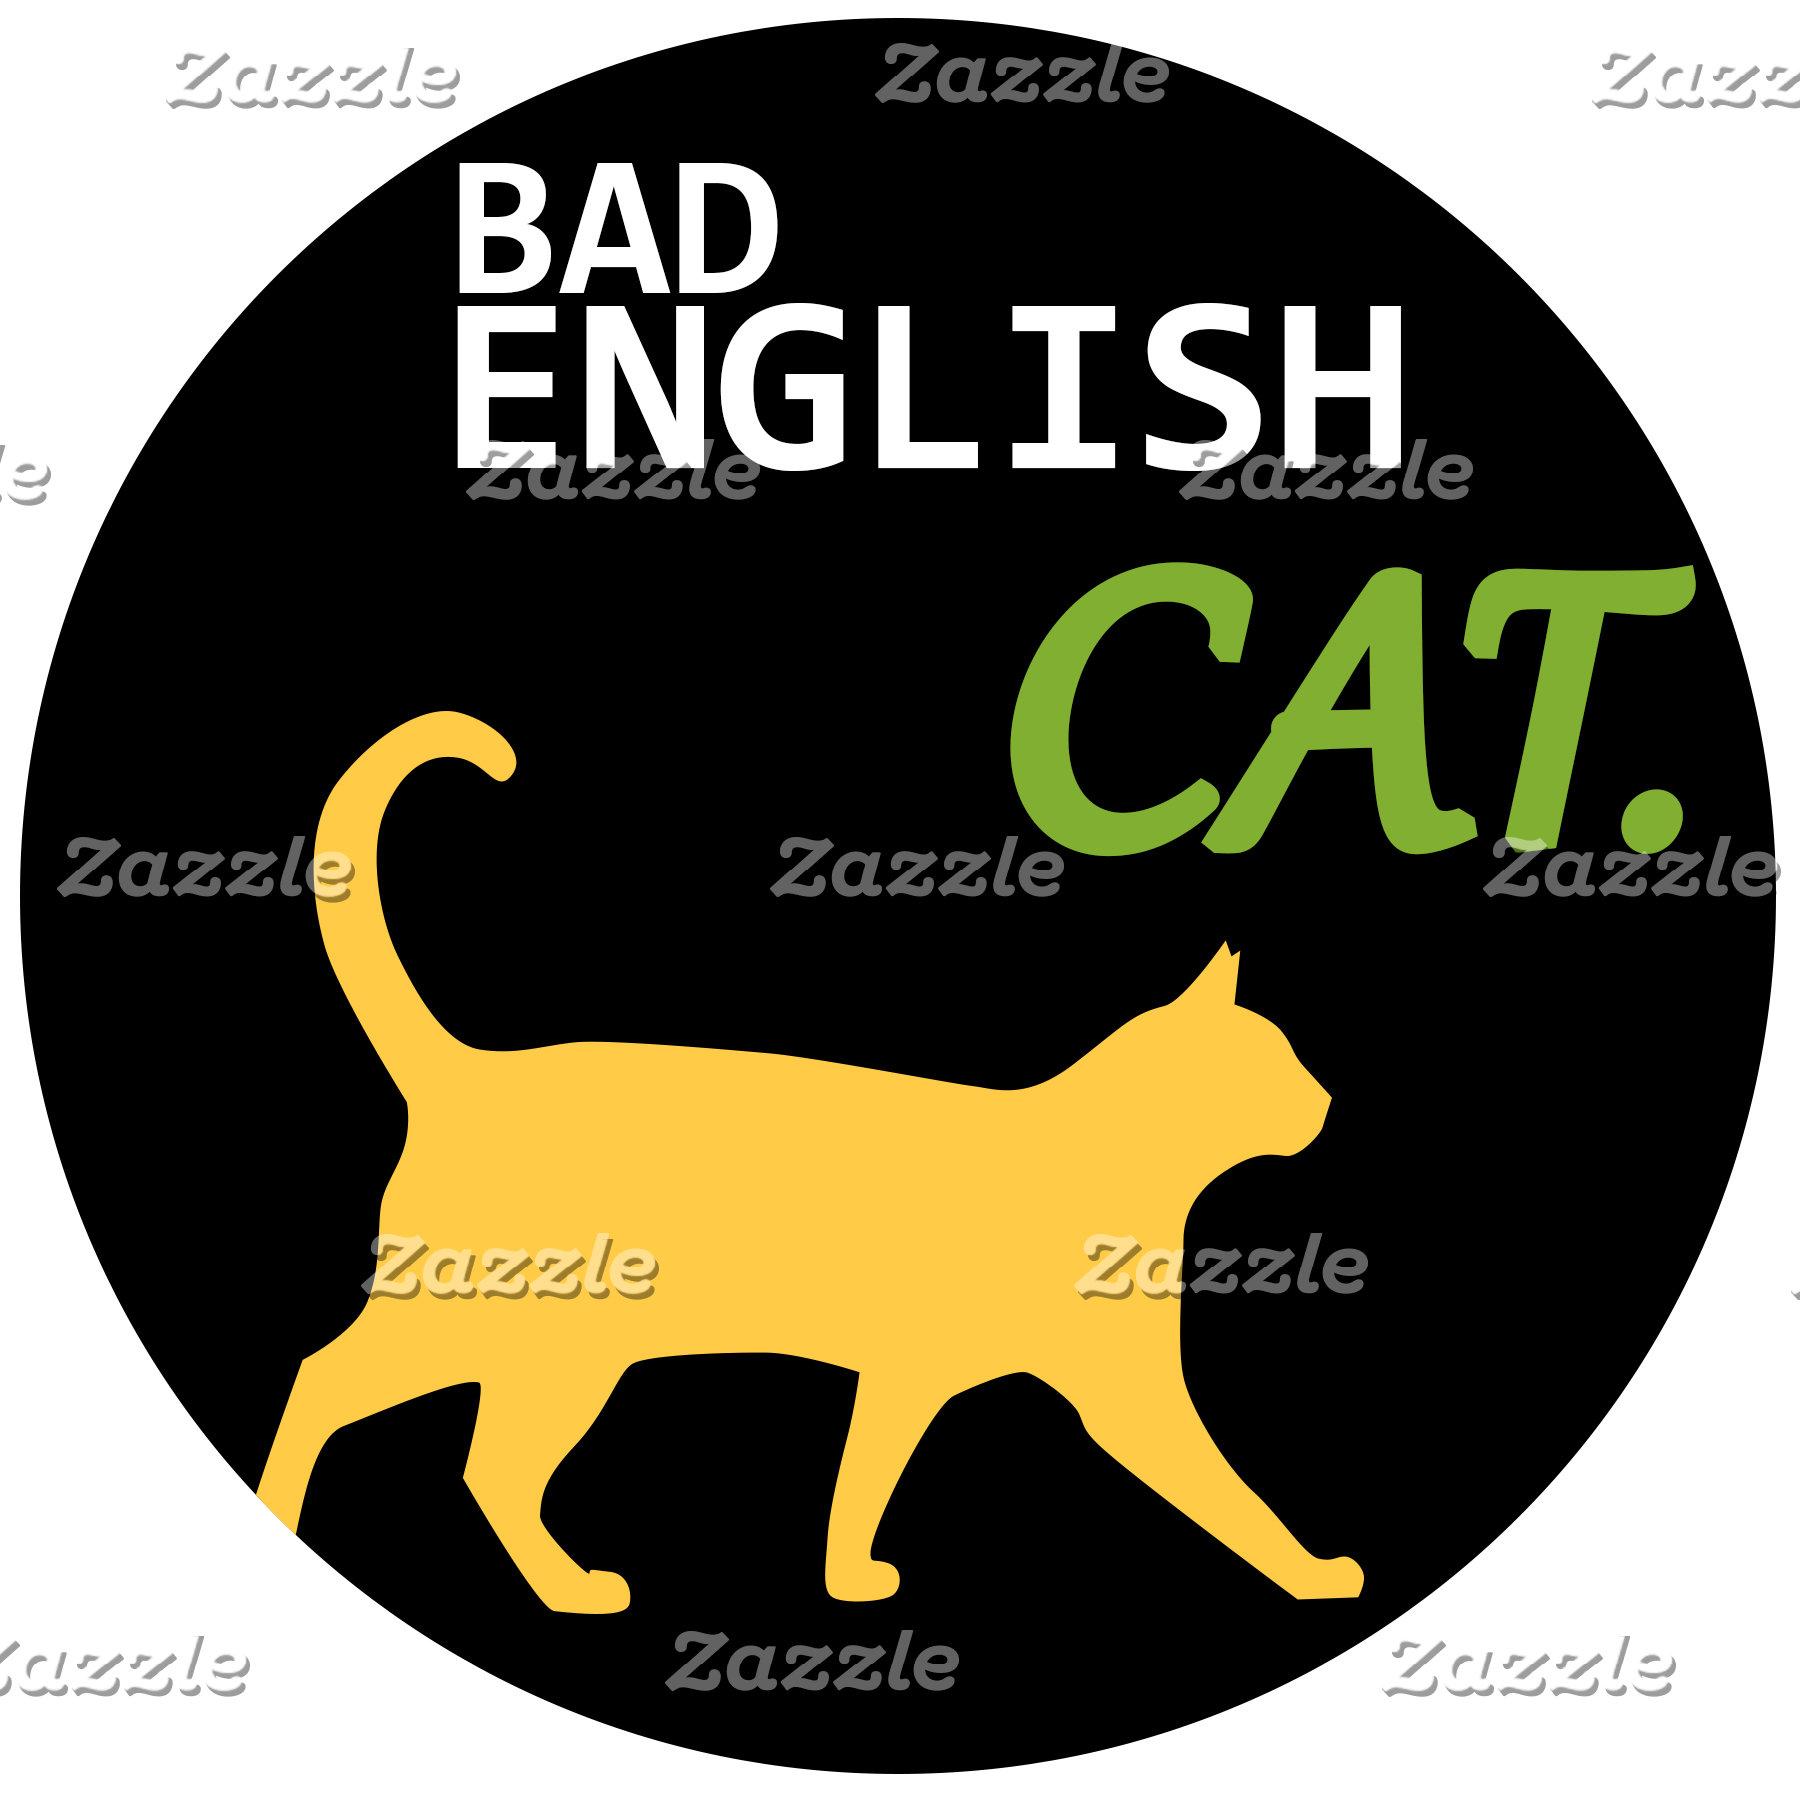 BadEnglishCat Fun